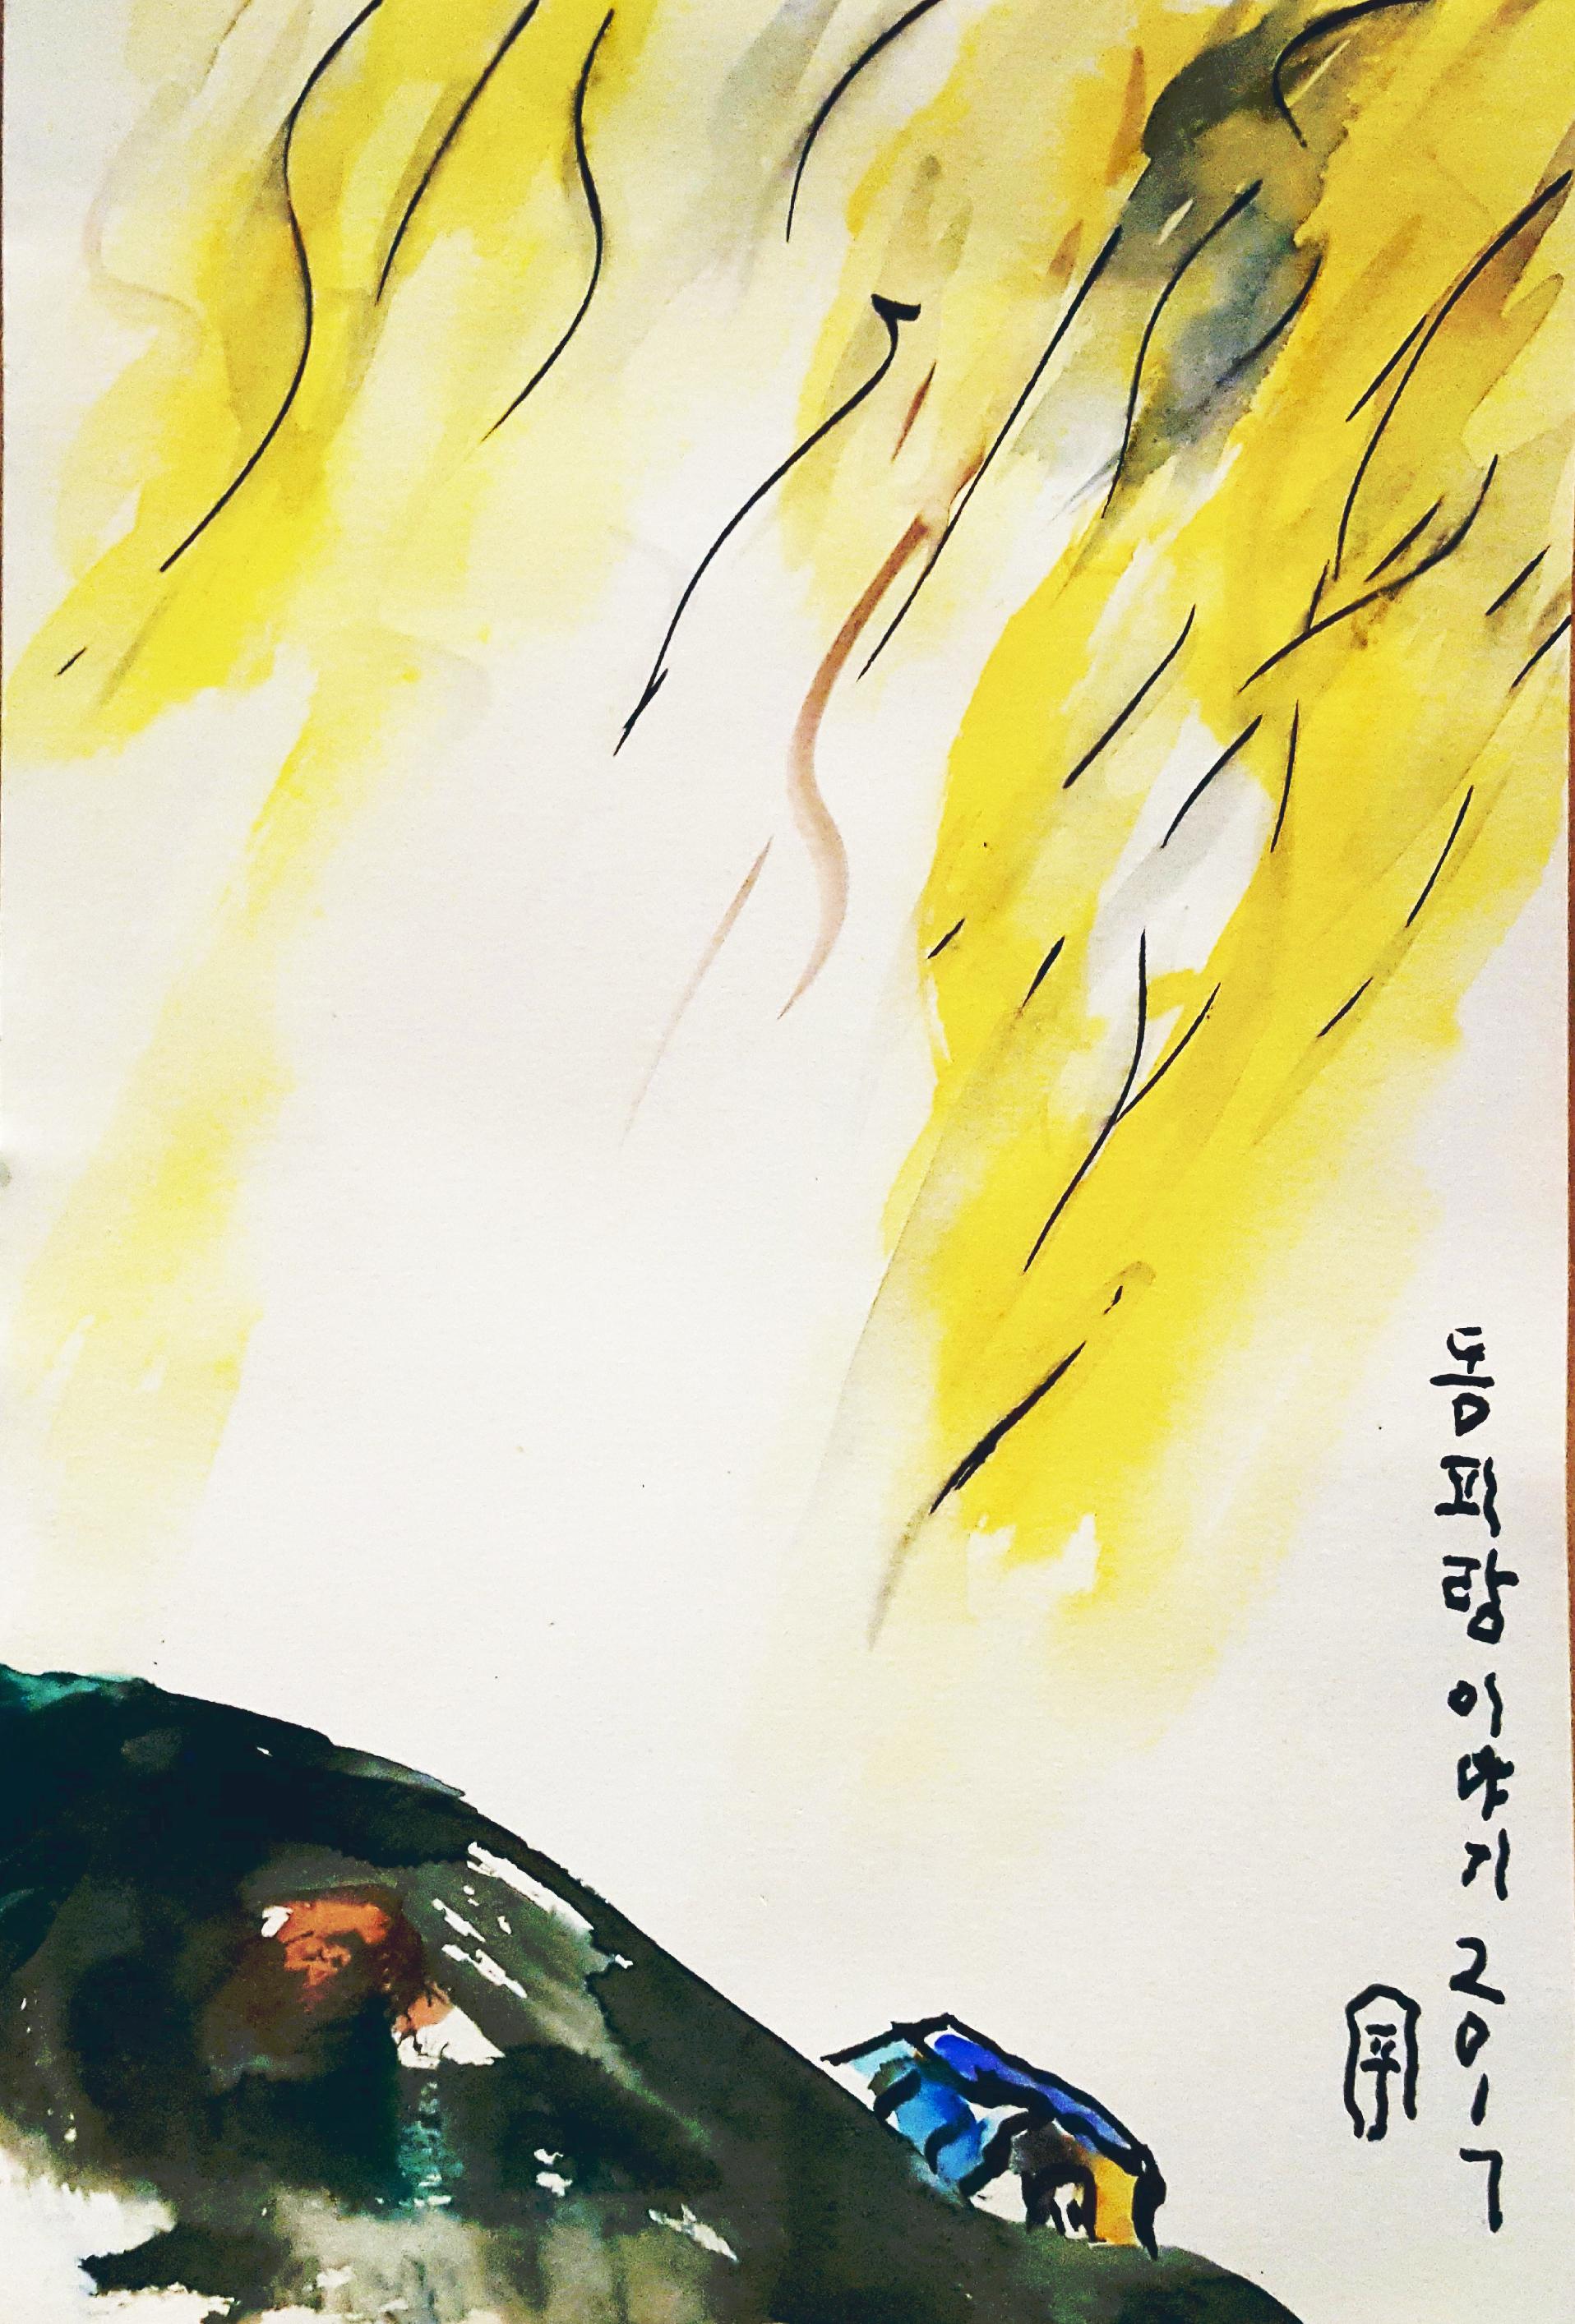 동피랑이야기, 24.2x33.4cm, 캔트지에 수채화물감, 2017 (2)